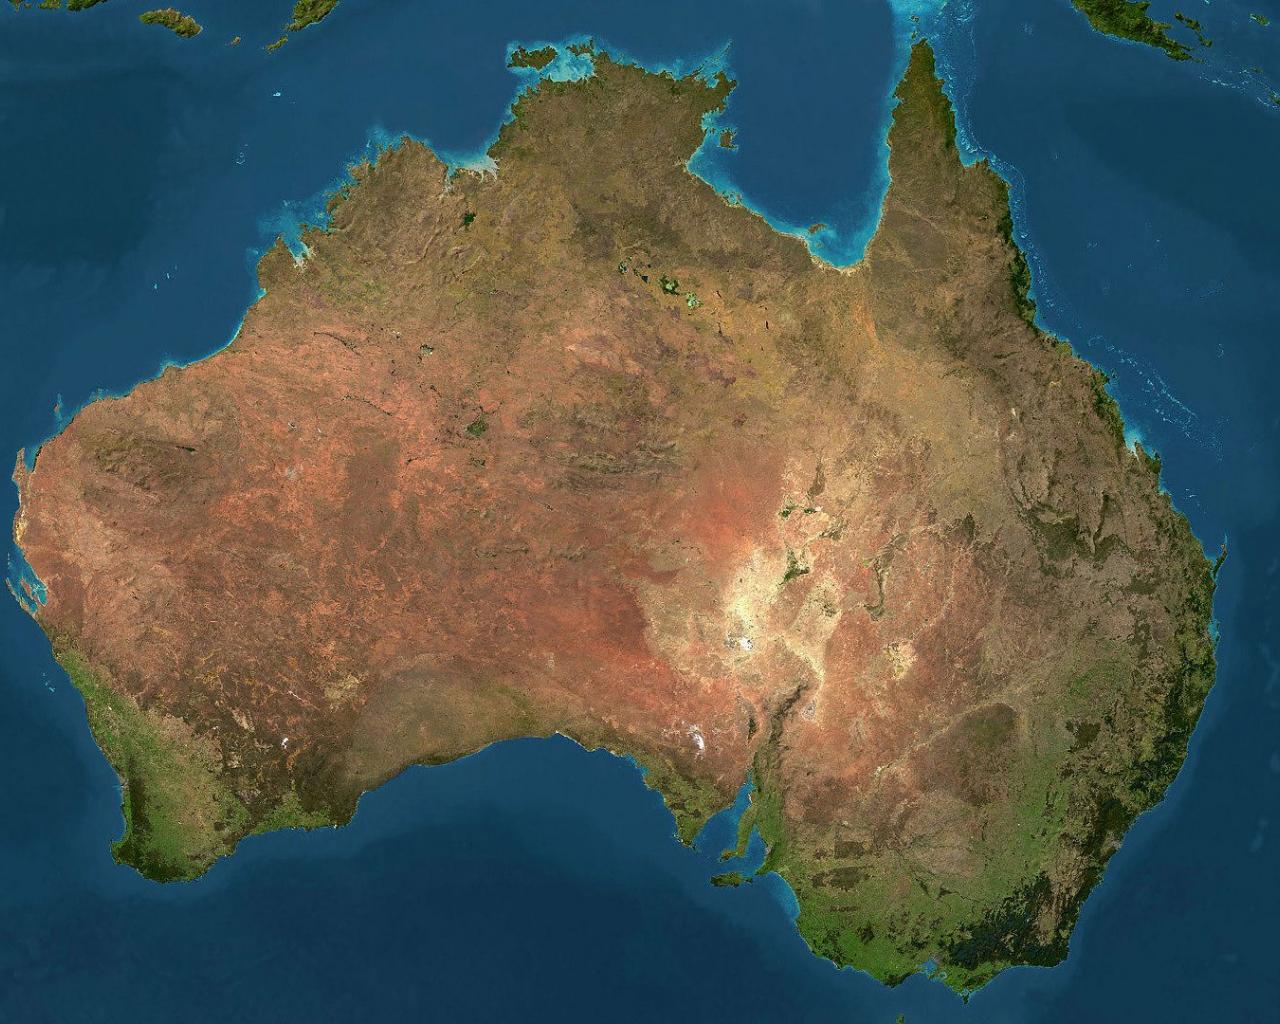 допросе географические картинки австралии как